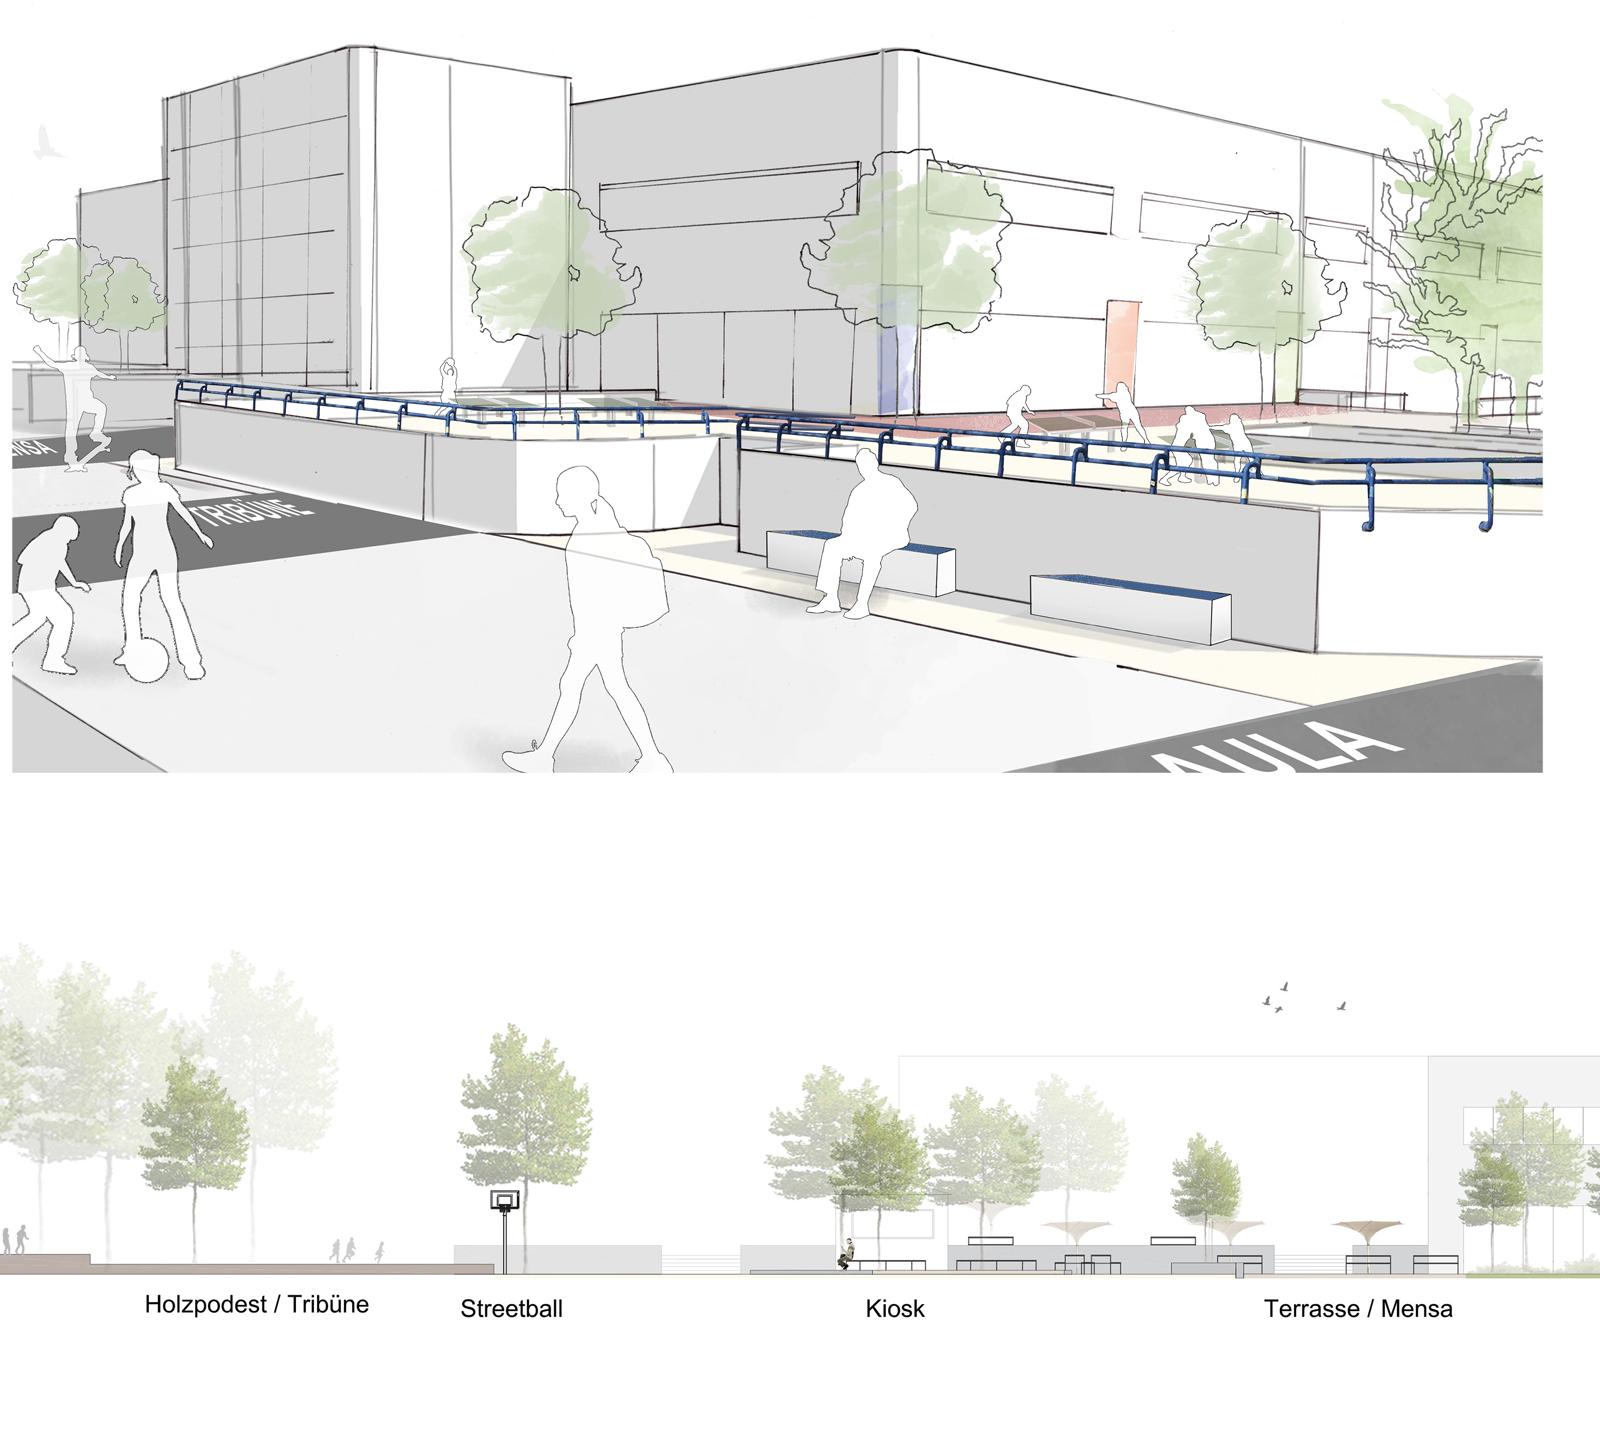 Perspektive-mit-Schnitt-Wettbewerbe-Berlin-Landschaftarchitekturbuero-Armbruster